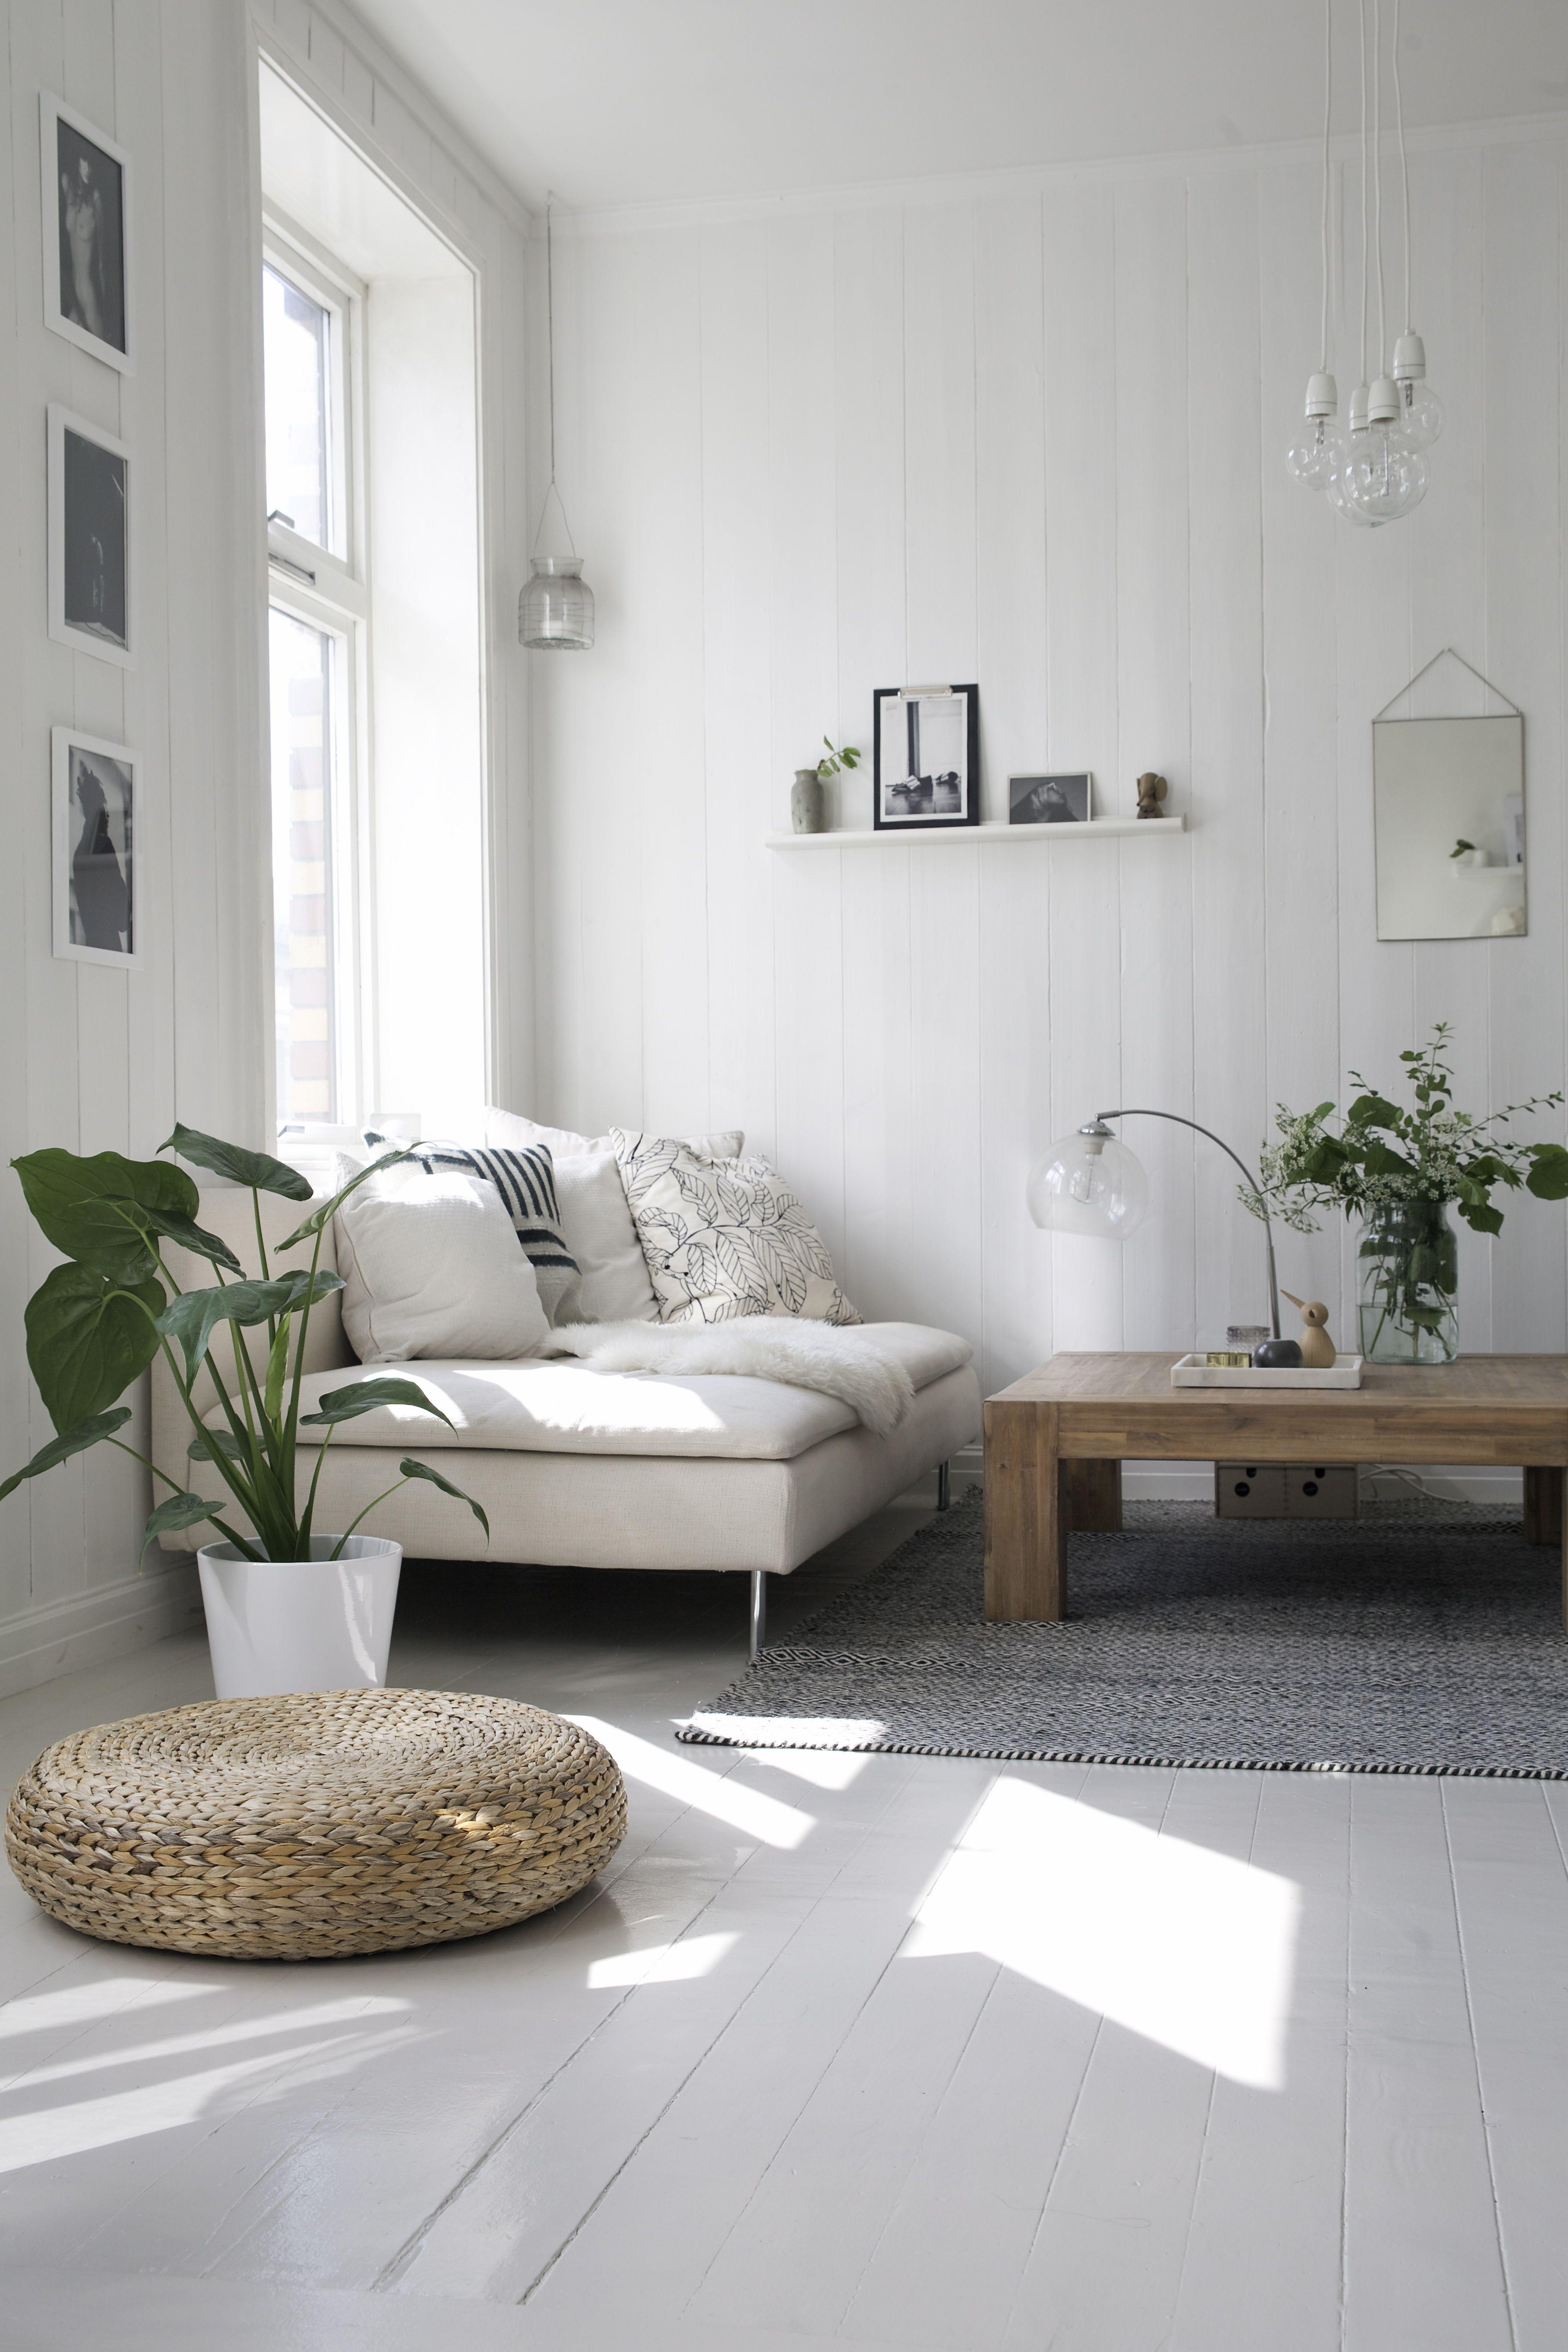 magnifique petit coin salon pour petit espace canap ikea salon d co salon et maison. Black Bedroom Furniture Sets. Home Design Ideas